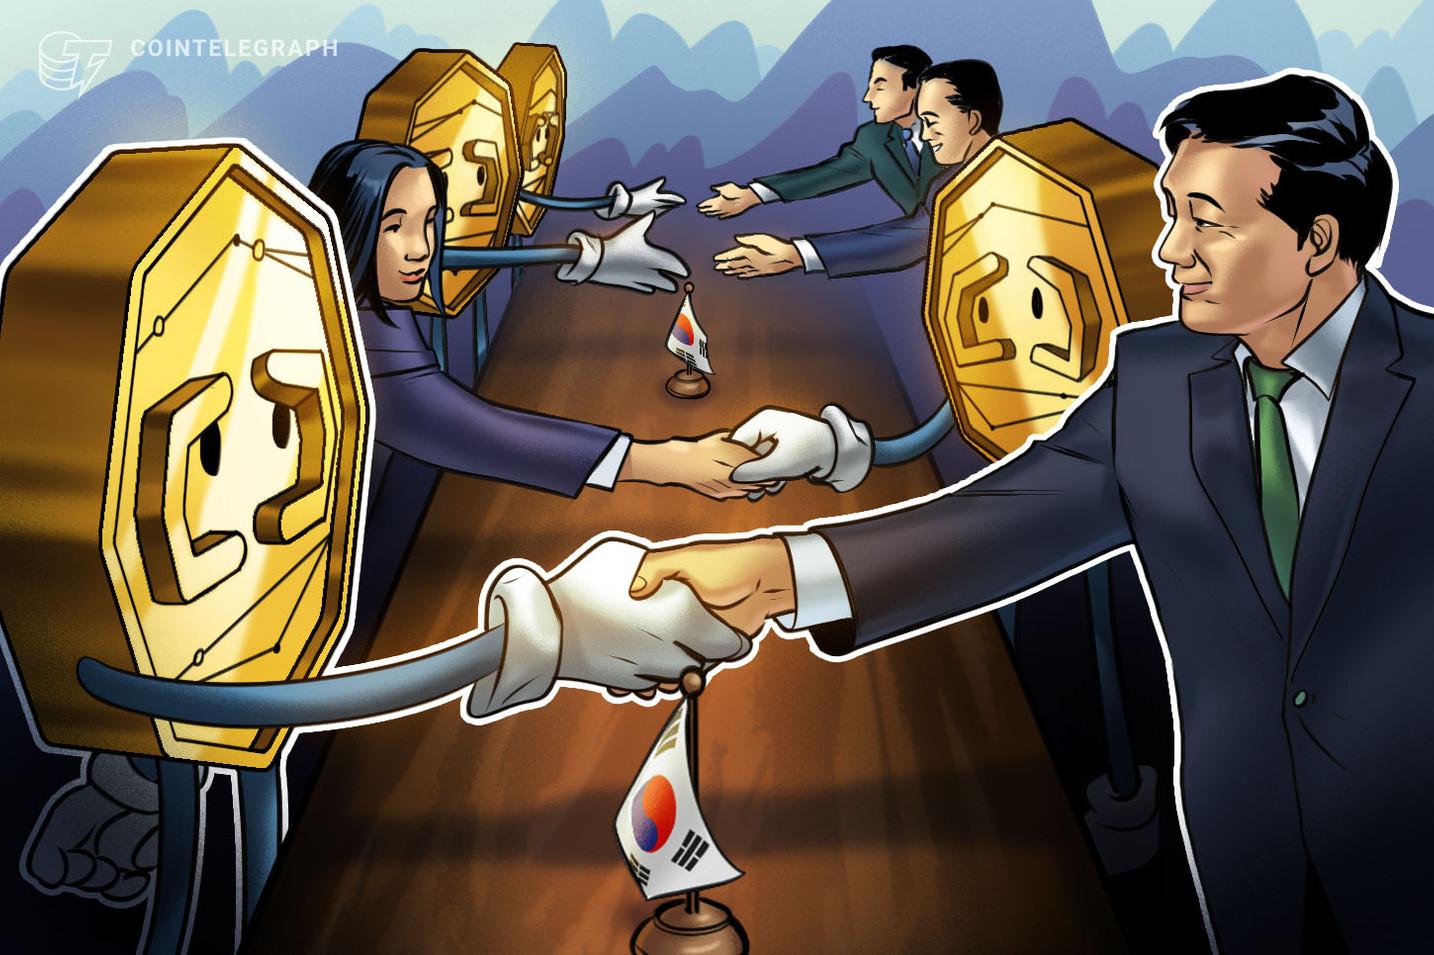 HSBC busca socios bancarios en Corea del Sur para lanzar la plataforma blockchain Voltron